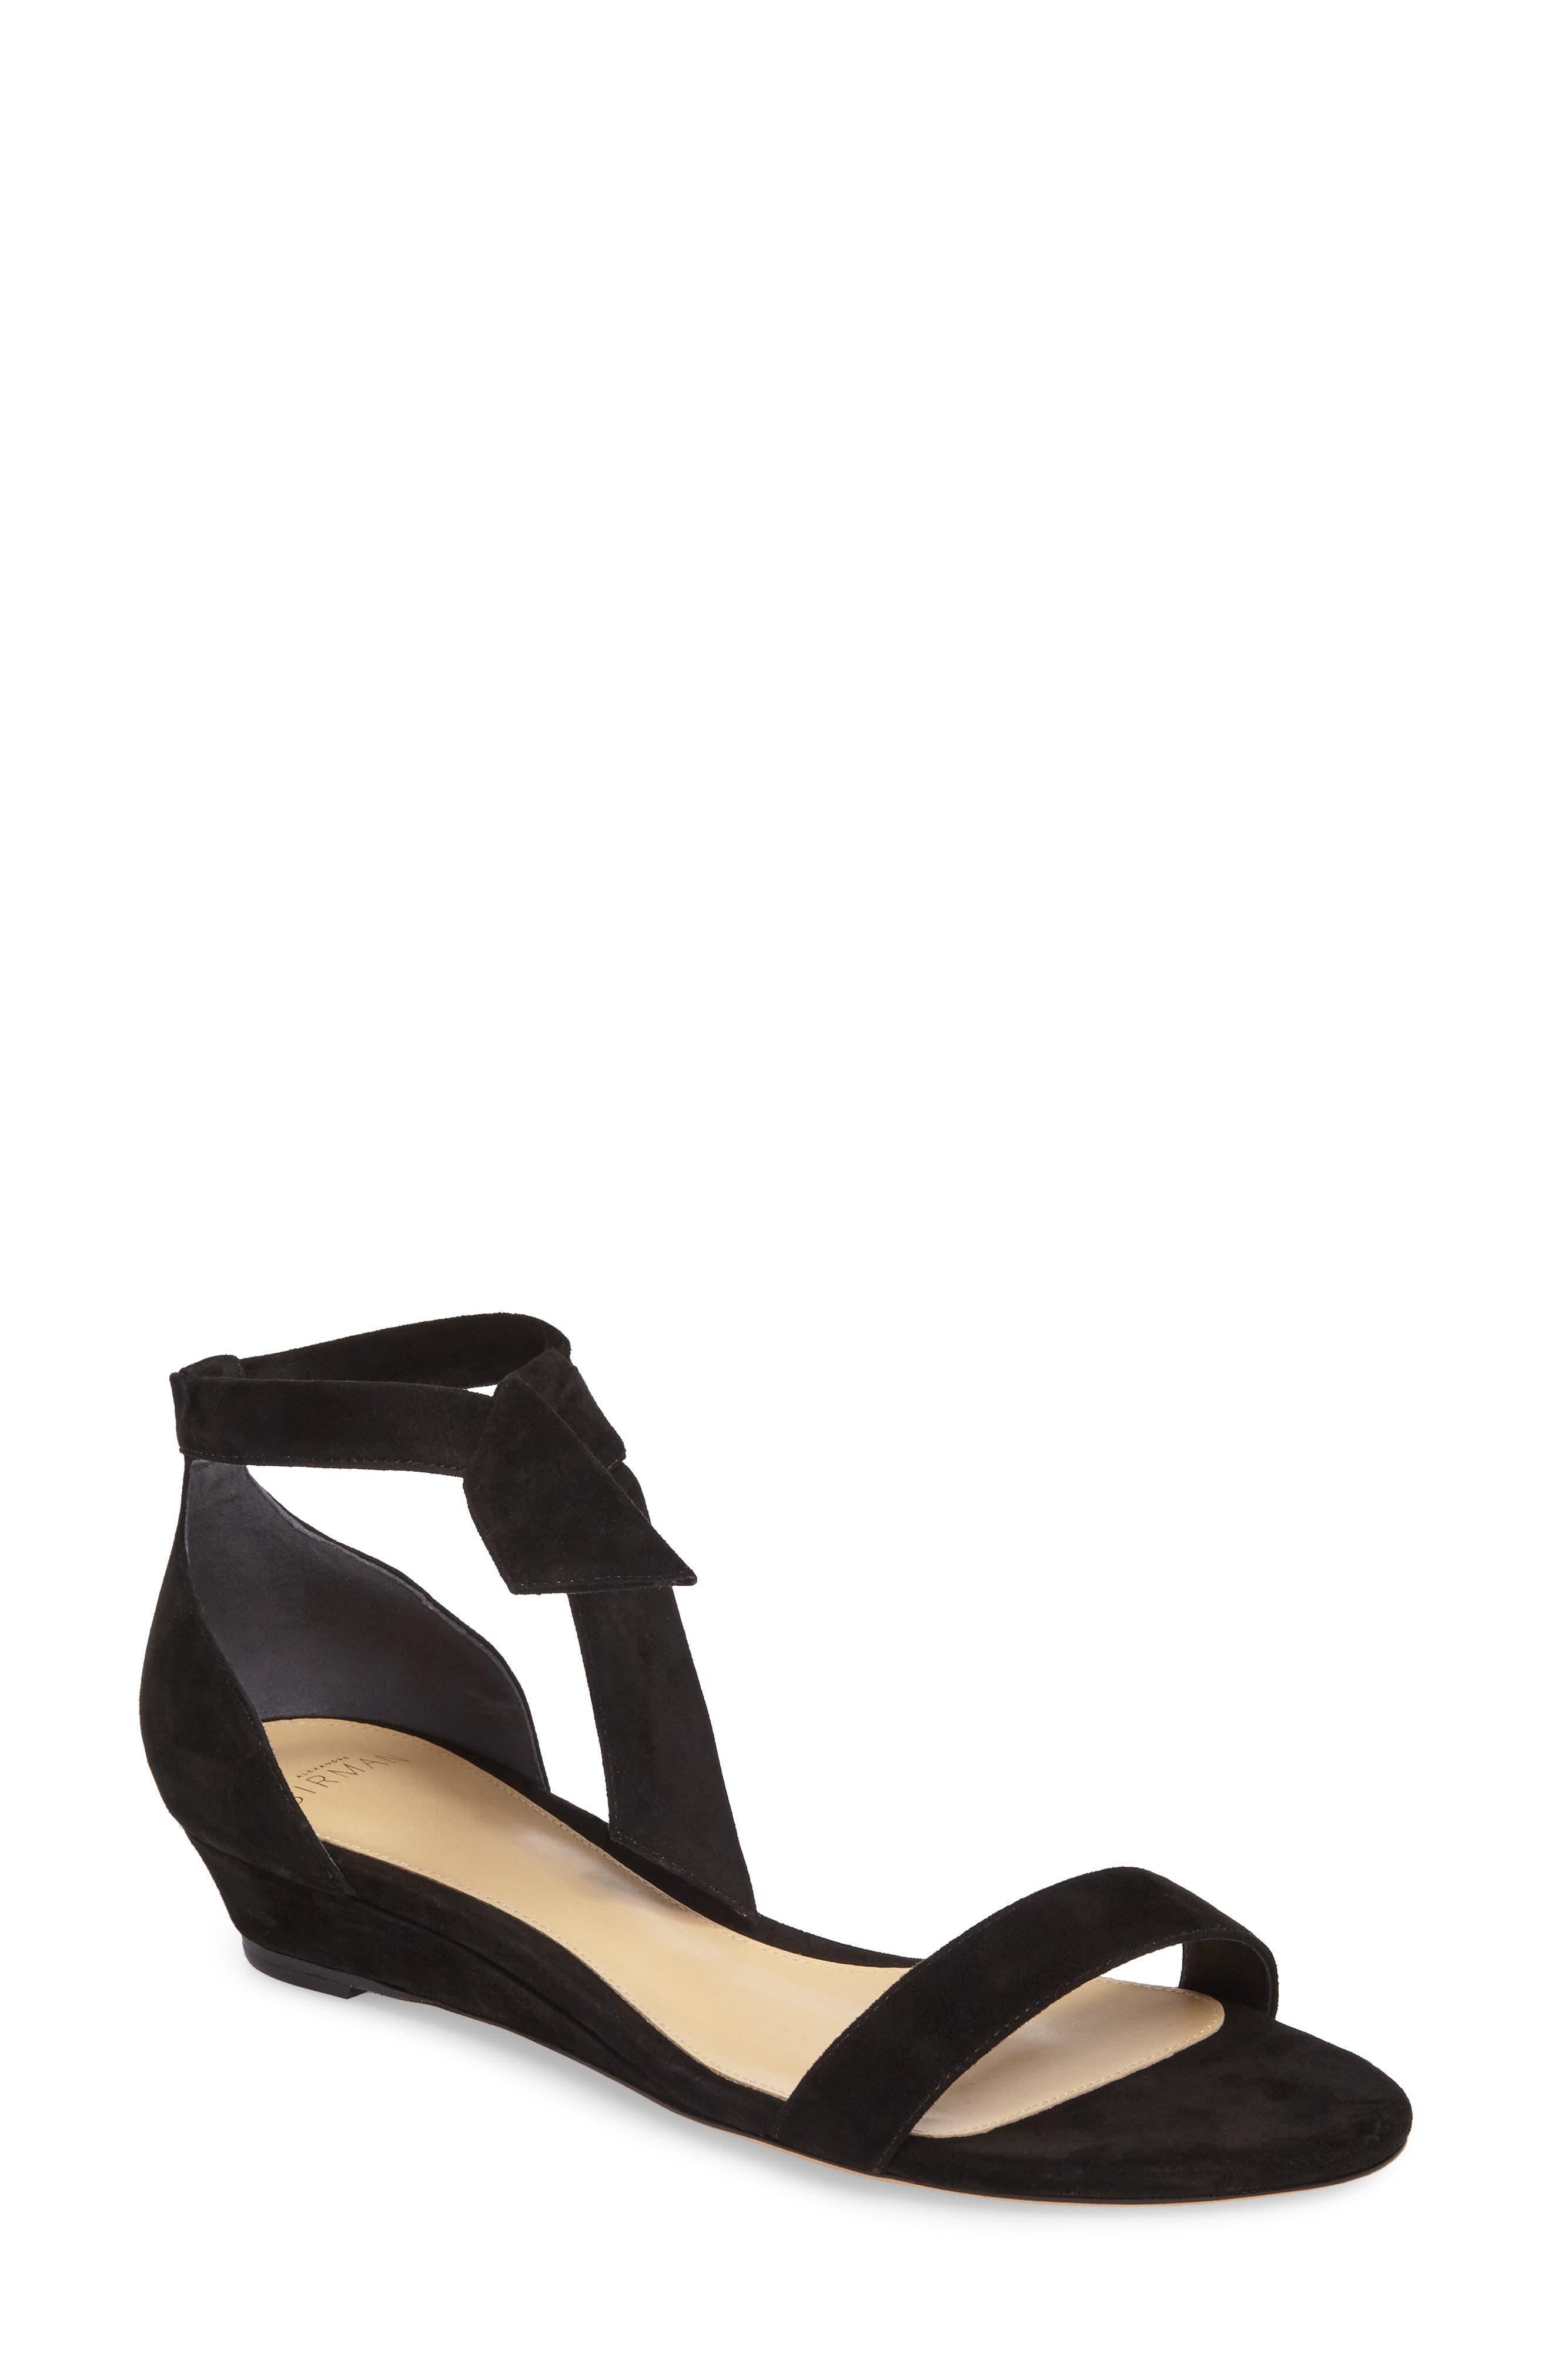 Atena Tie Strap Wedge Sandal,                         Main,                         color, Black Suede